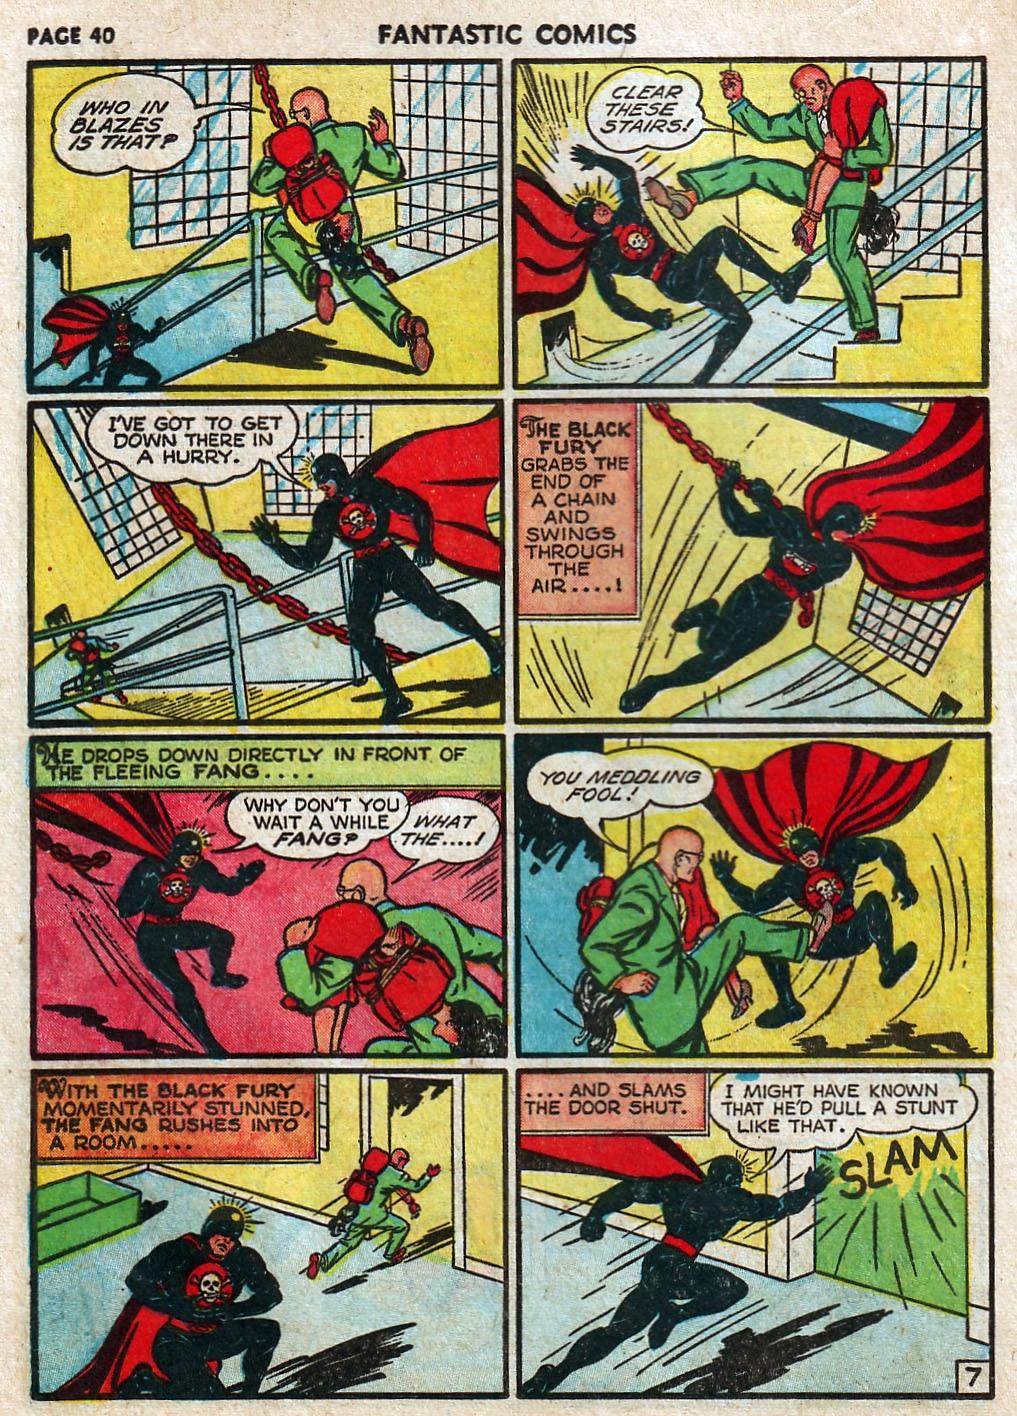 Read online Fantastic Comics comic -  Issue #17 - 41